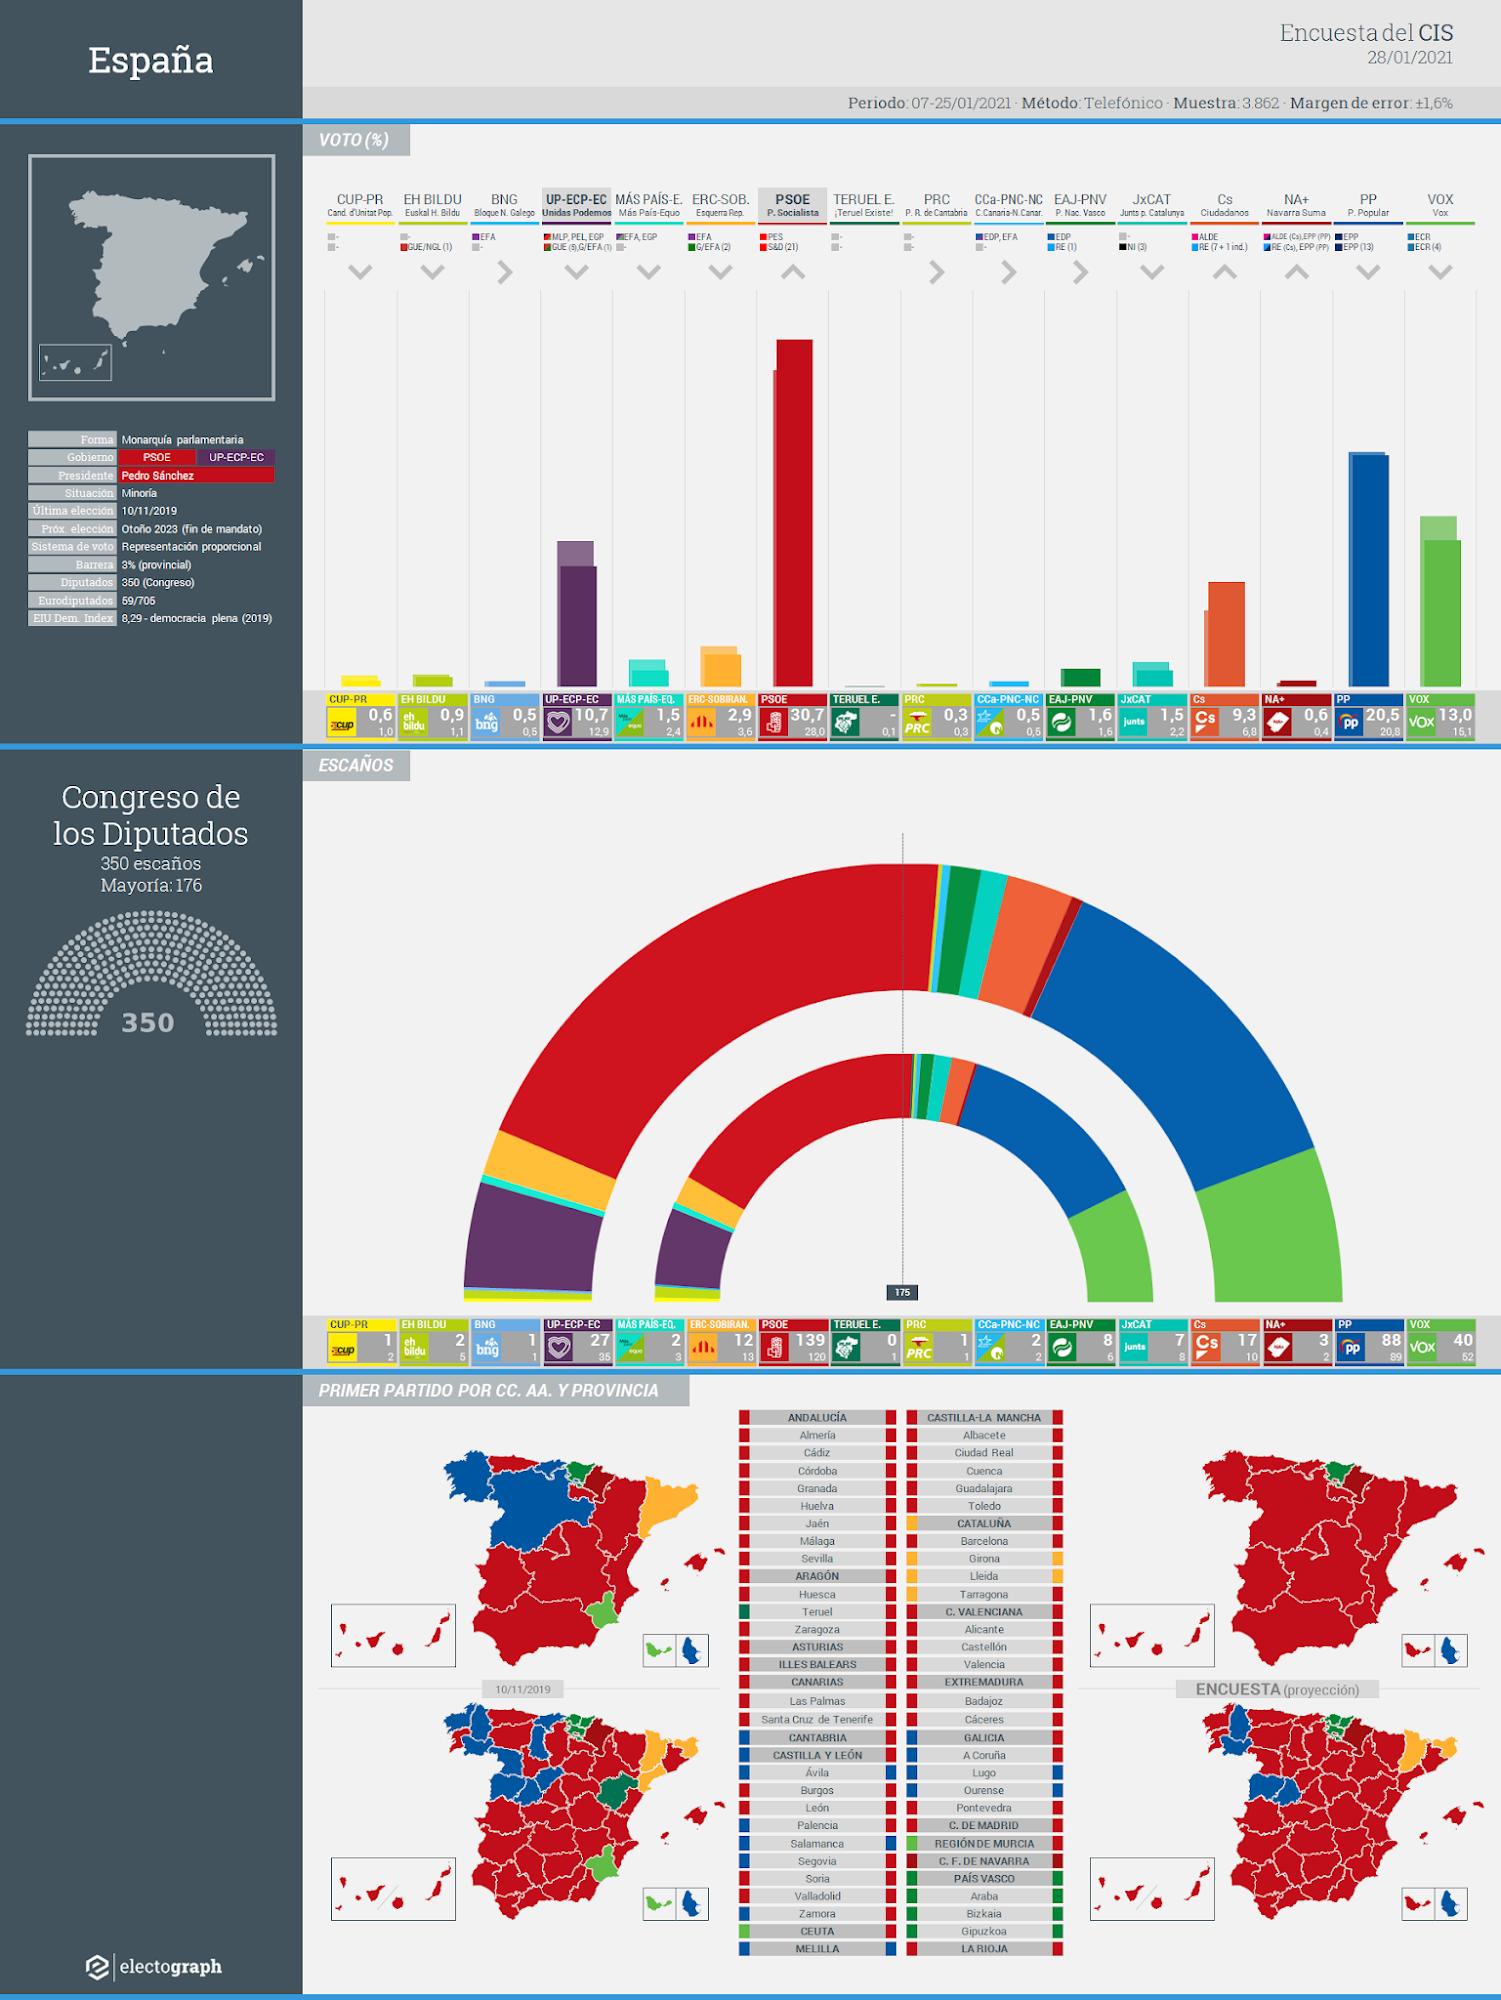 Gráfico de la encuesta para elecciones generales en España realizada por el CIS, 28 de enero de 2021